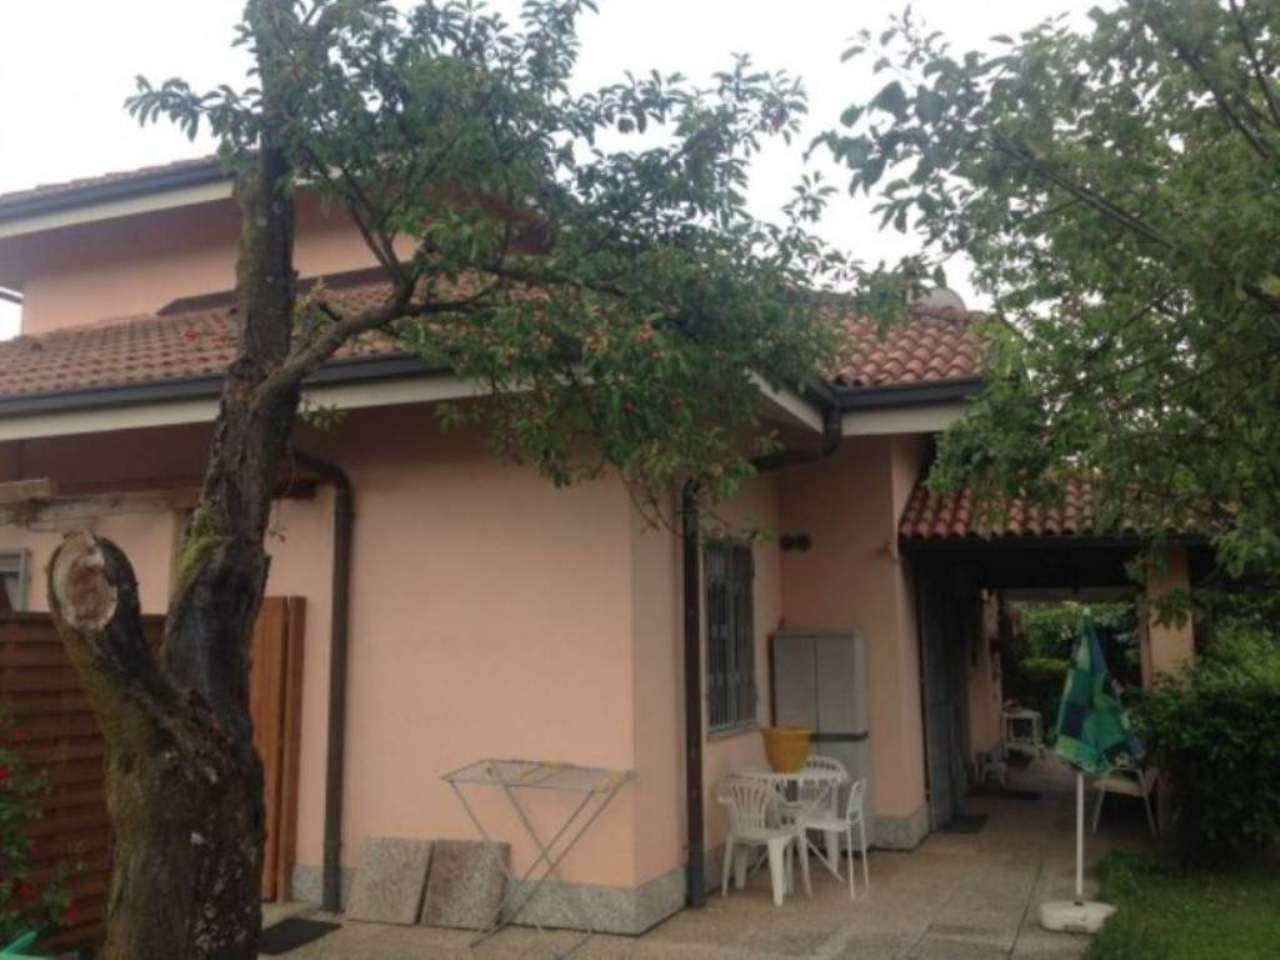 Villa in vendita a Buttigliera Alta, 6 locali, prezzo € 240.000 | Cambio Casa.it